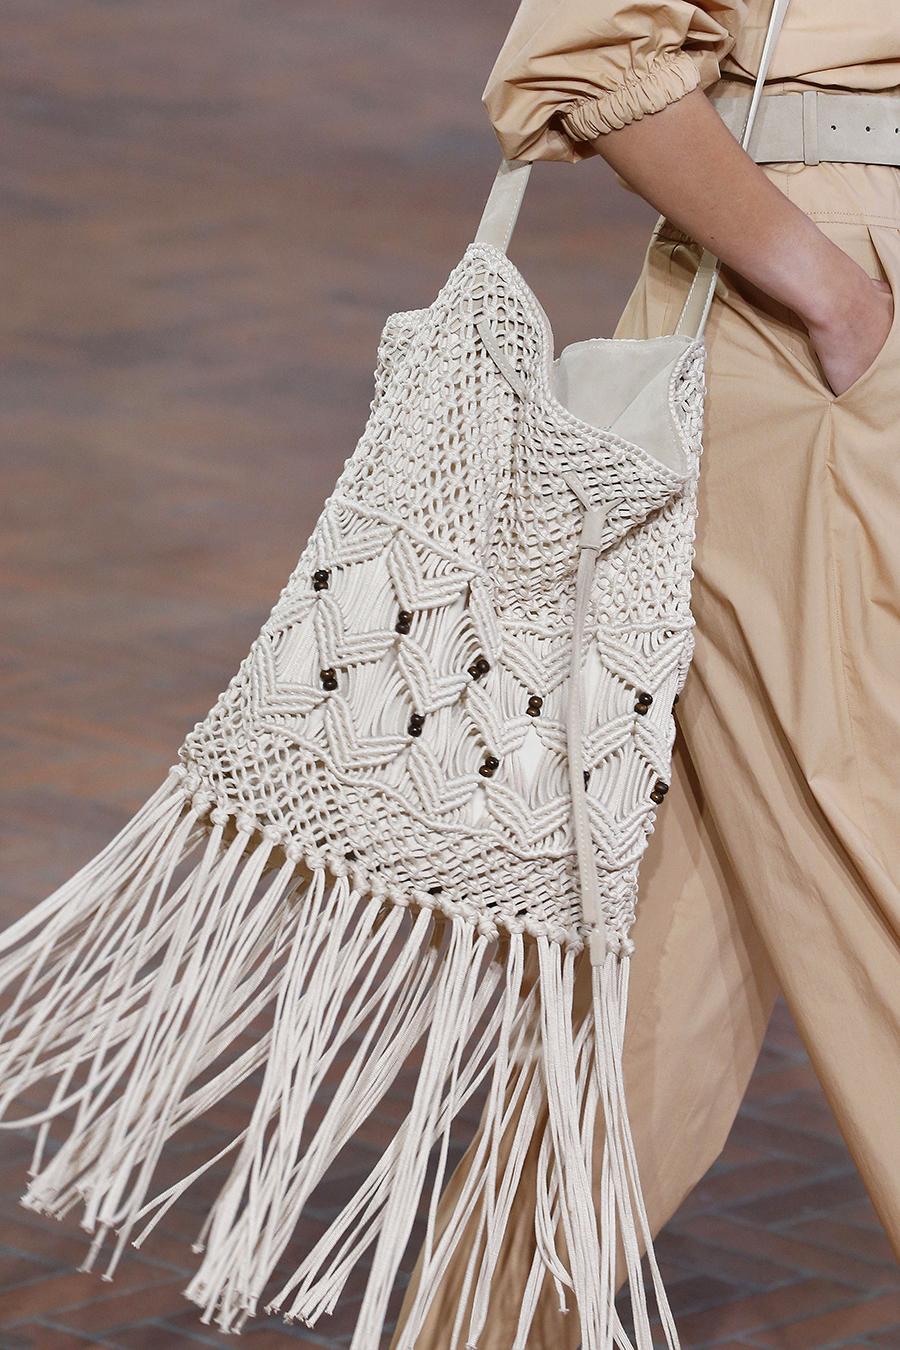 модная женская сумка лето 2021 клатч тоут шоппер пауч вязаная макраме белая бежевая